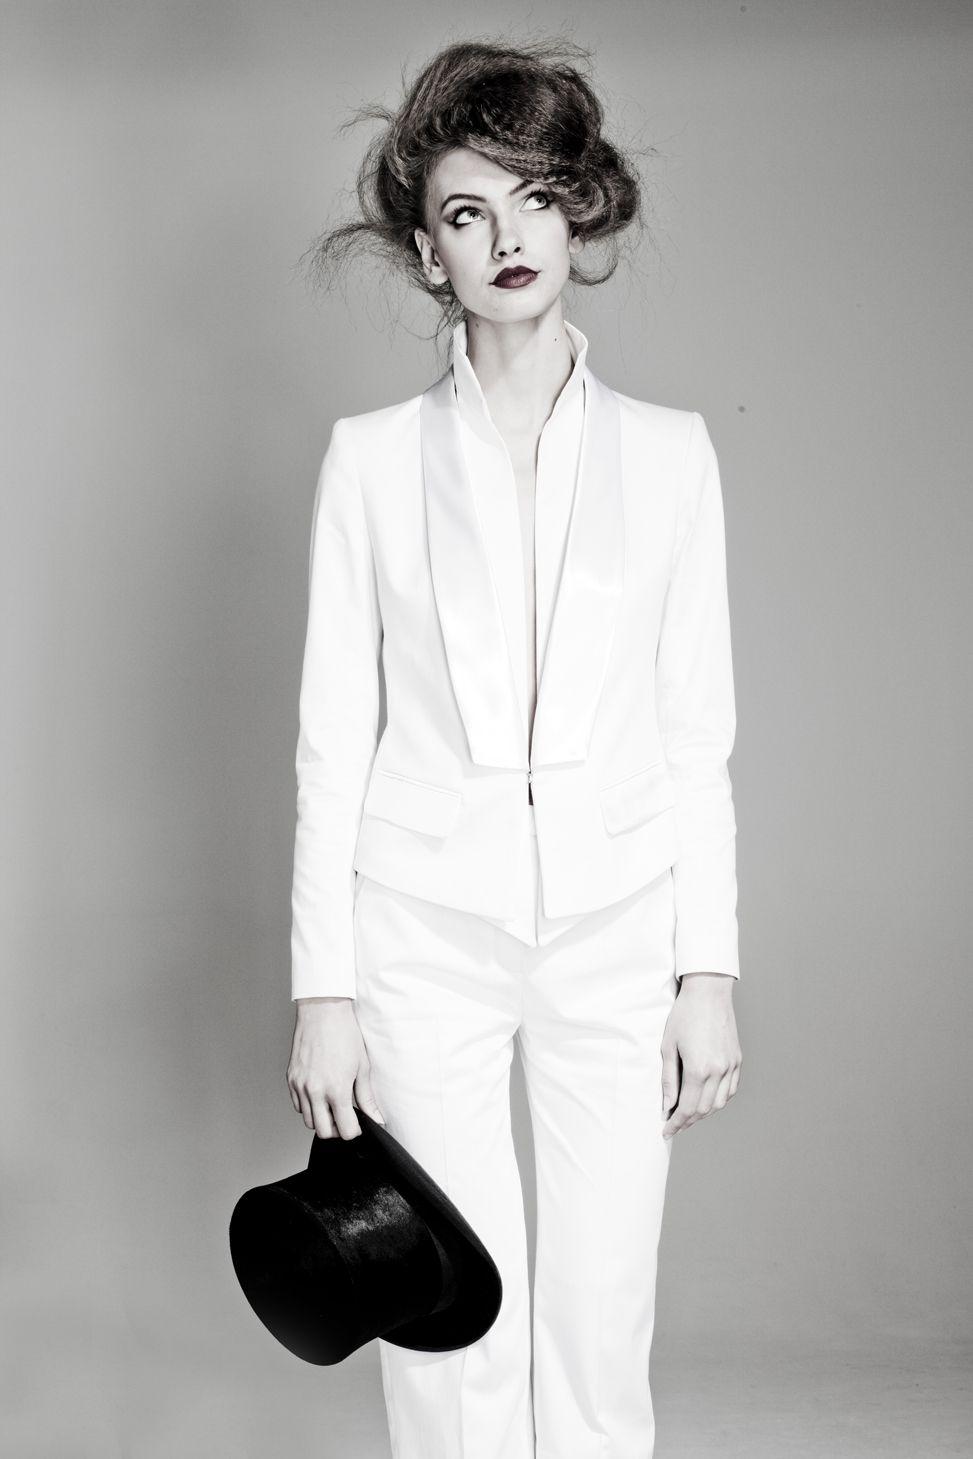 Mariage en smoking blanc  nosmoking  white tuxedo  b18cff64394